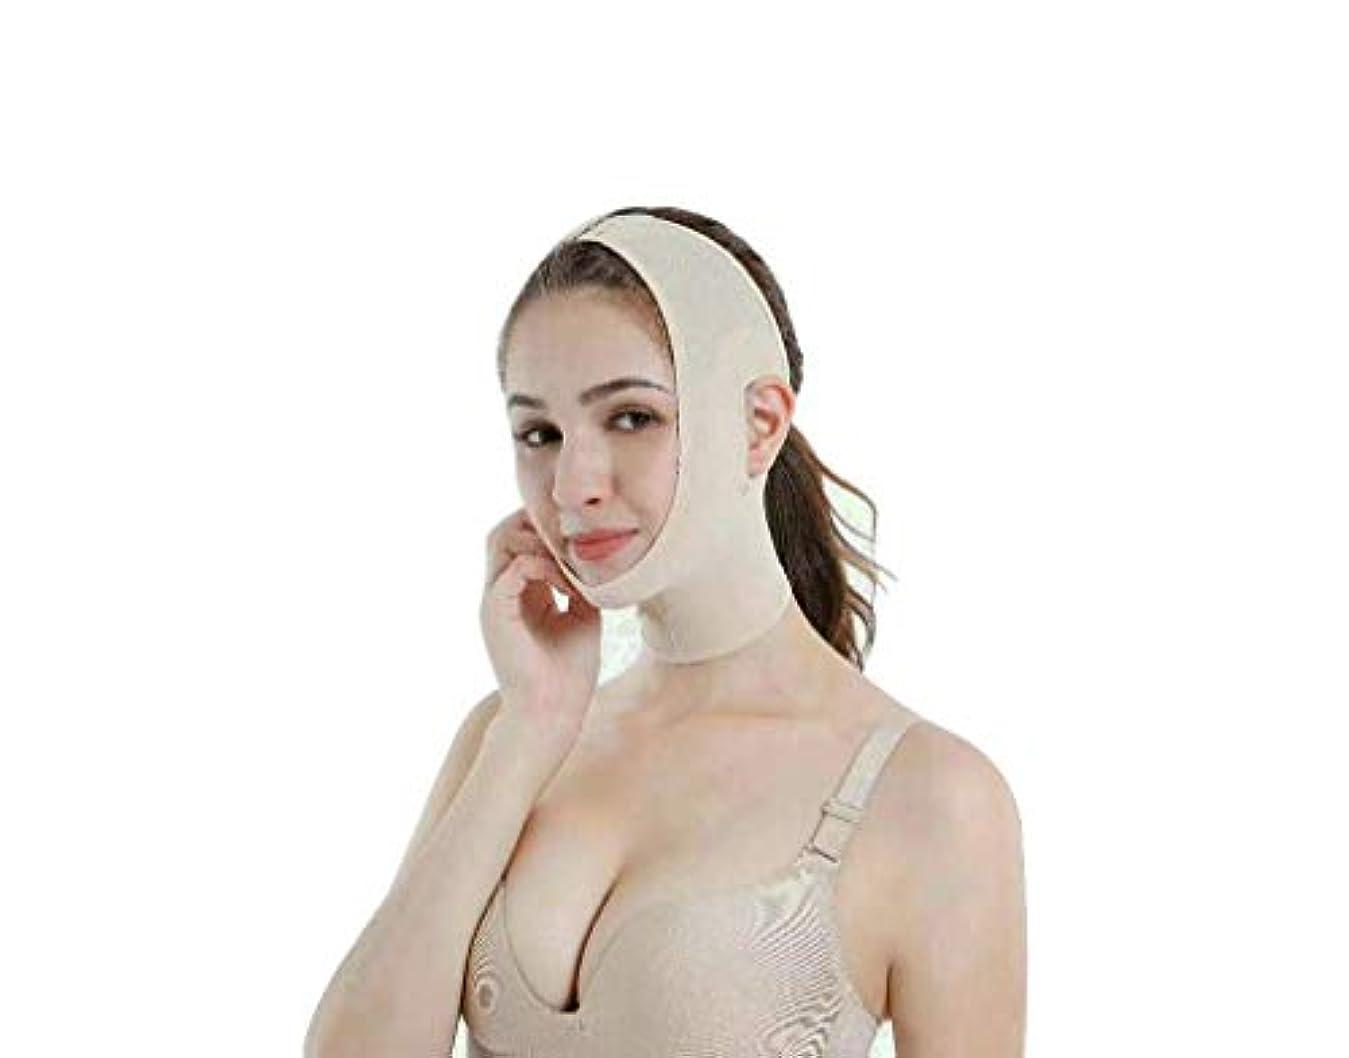 ピア安全なクレア薄型フェイスアーティファクトスモールVフェイススリーピング包帯マスクシンダブルチンリフト引き締めフェイシャルリフティングフェイシャルマッサージ(サイズ:M),S